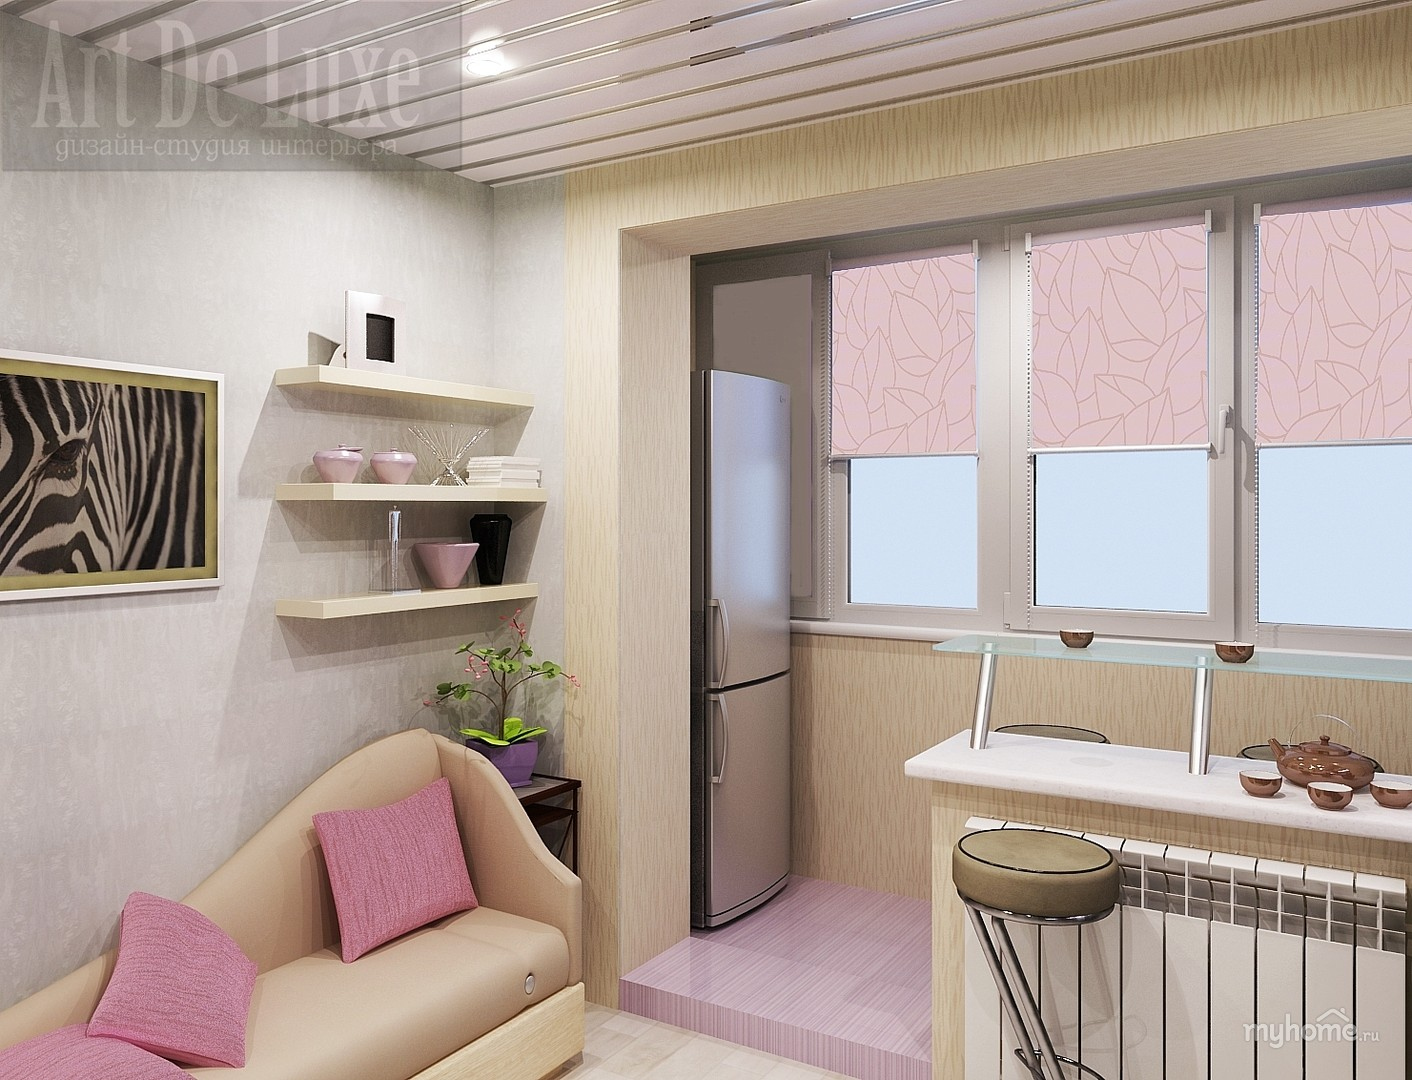 Объединение балкона с комнатой (63 фото): совместить лоджию .